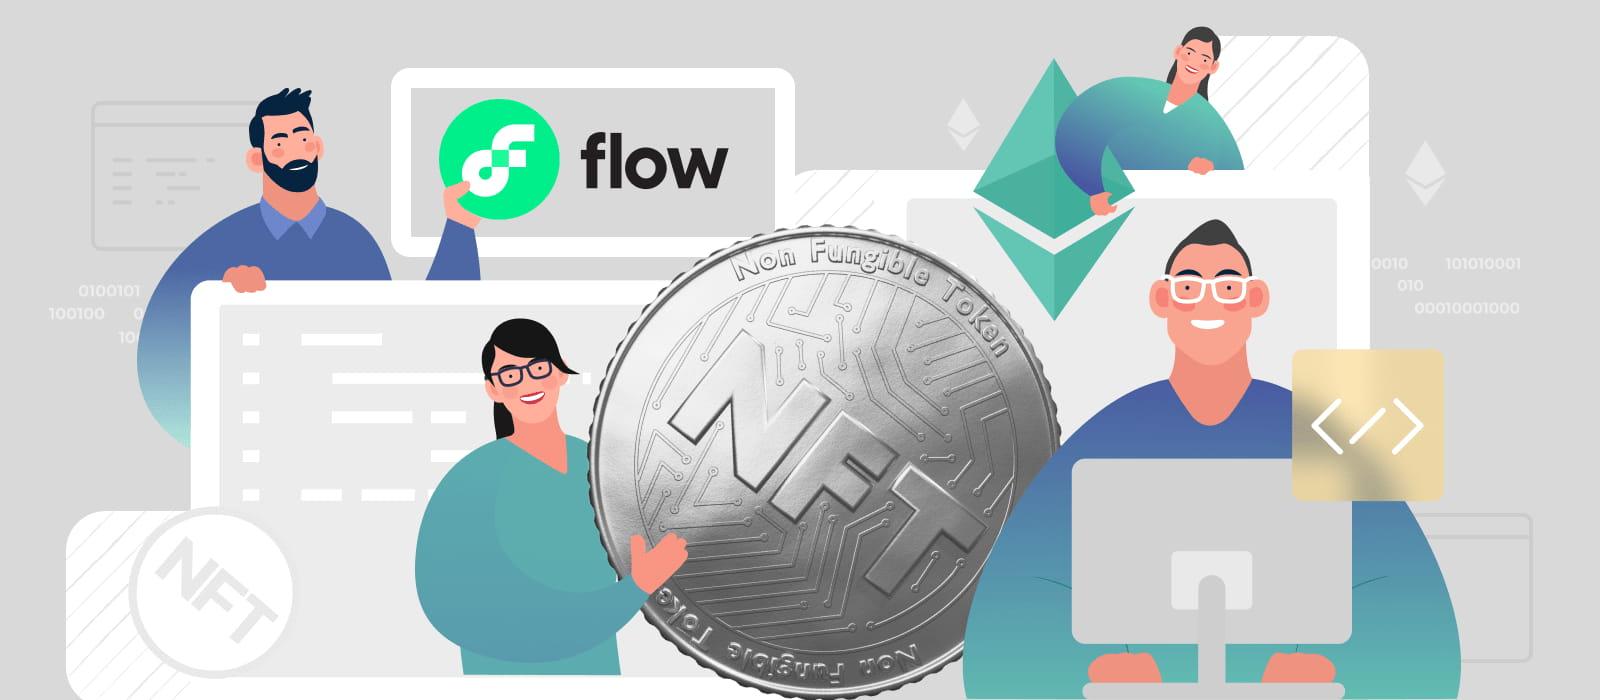 flow vs ethereum comparison best platforms for nft main 1600 | Guide Self Publishing e scrittura online - Storia Continua